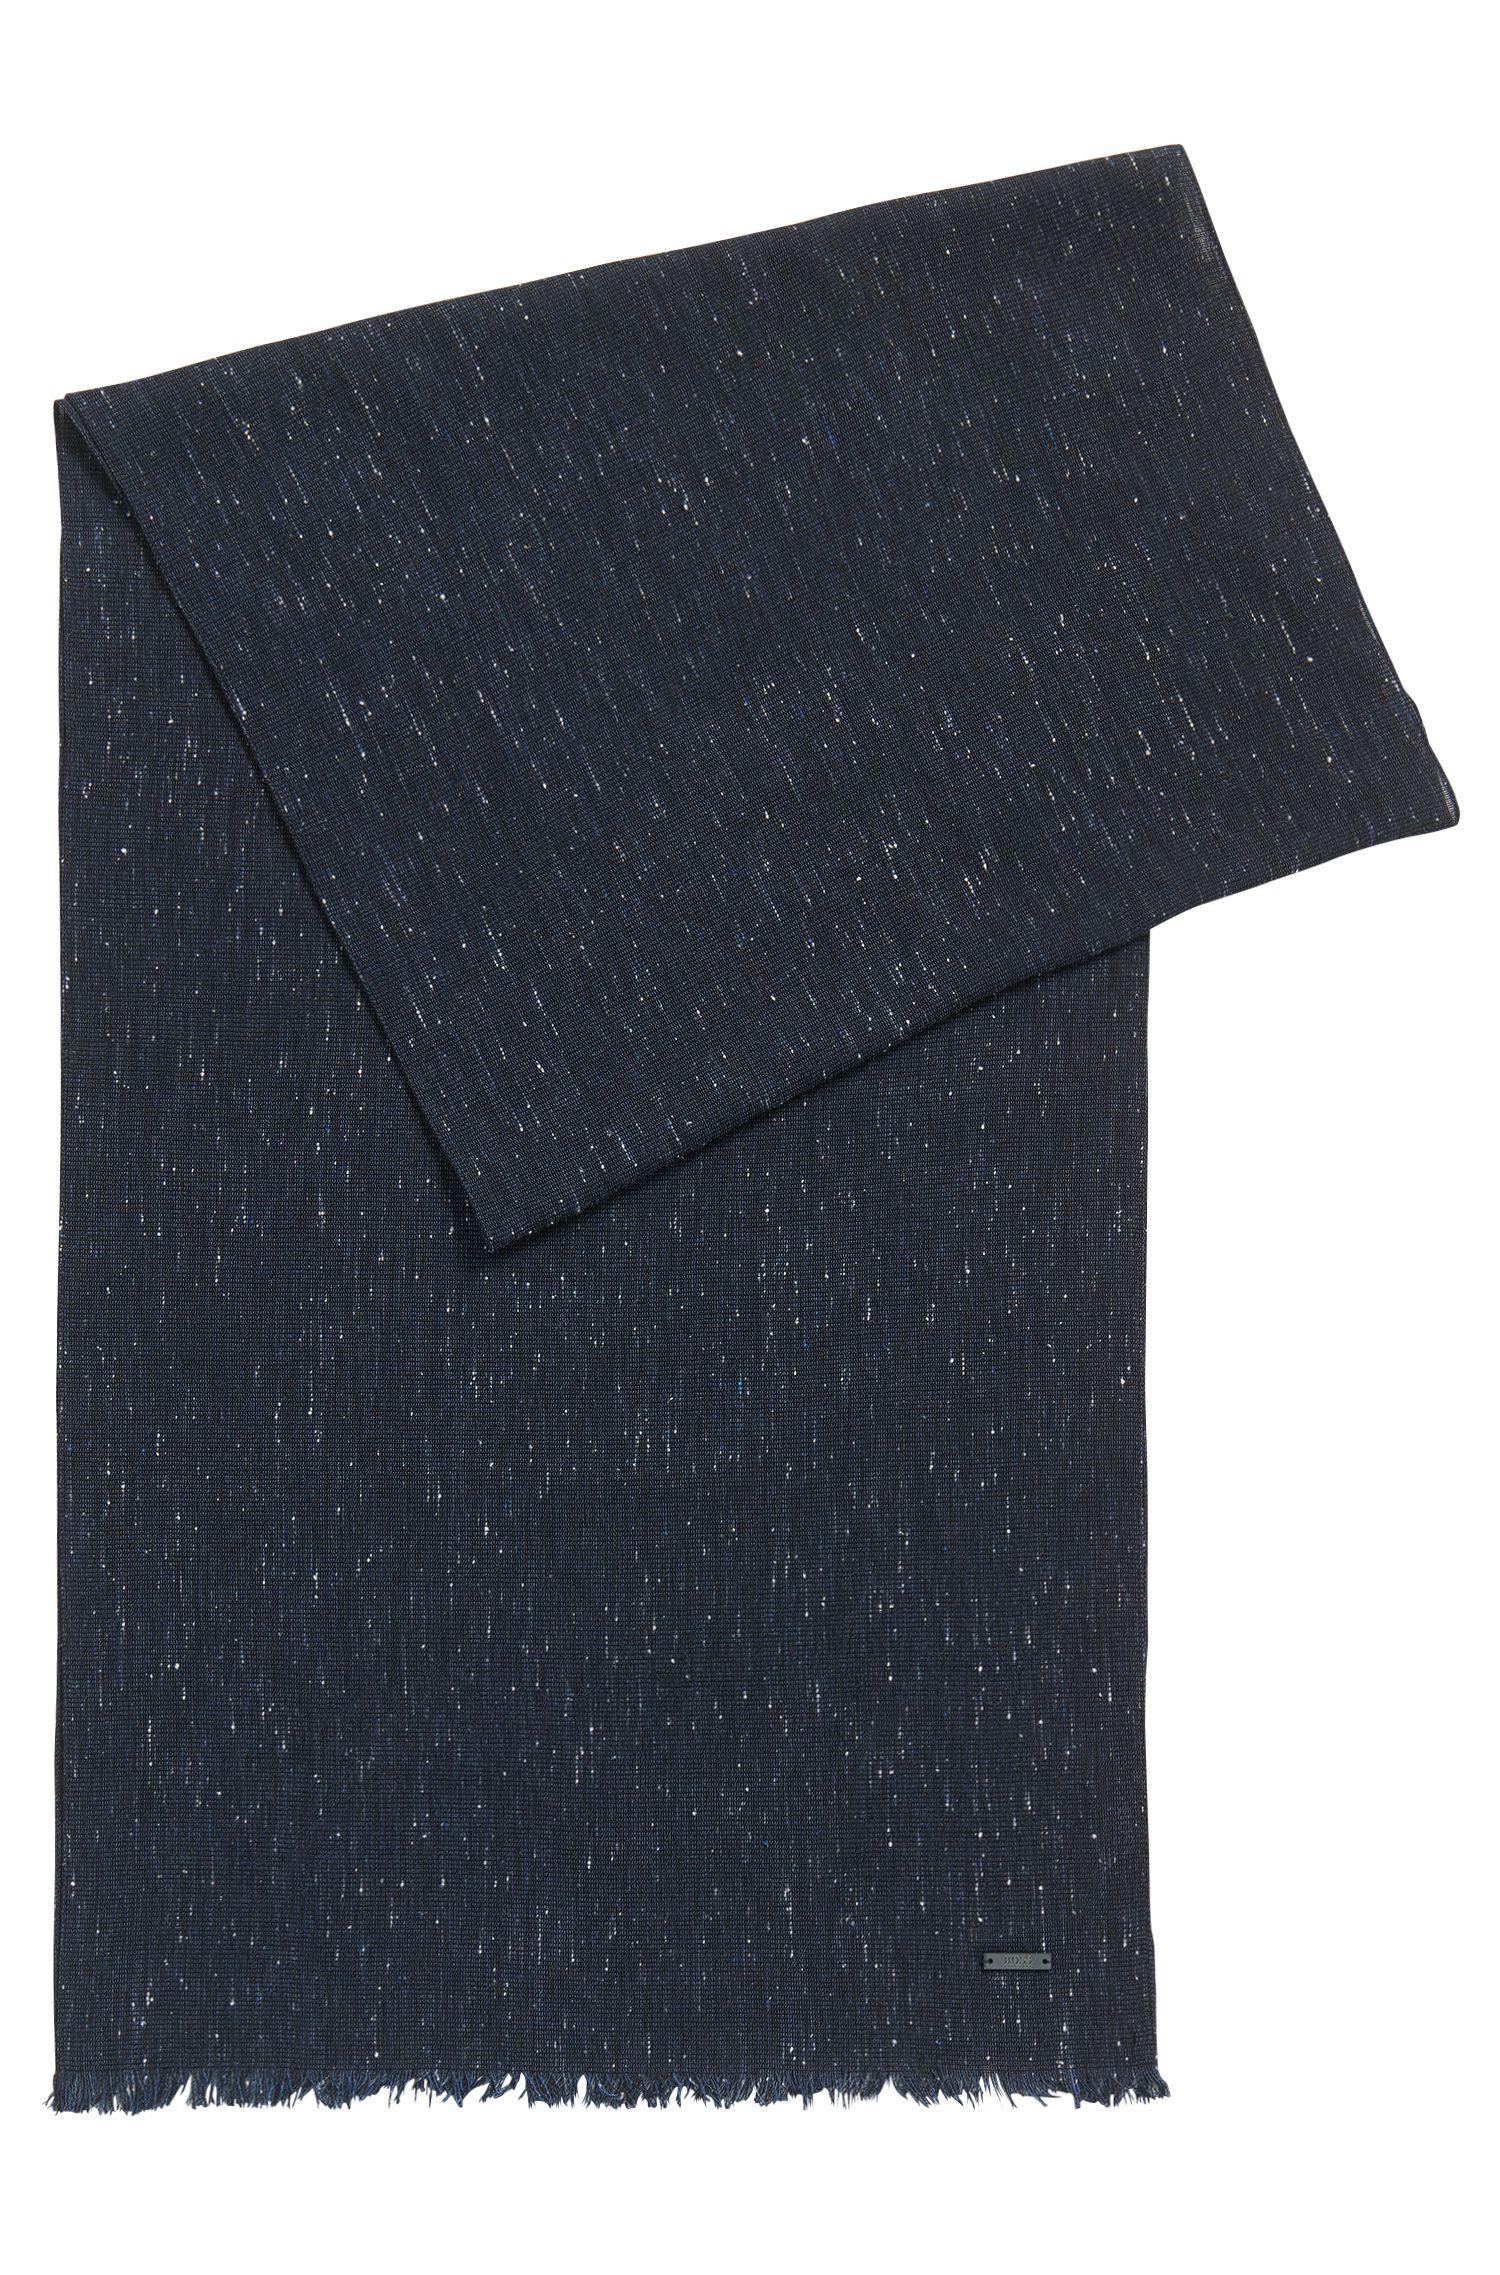 Sjaal van een geweven katoenmix met gemêleerd effect